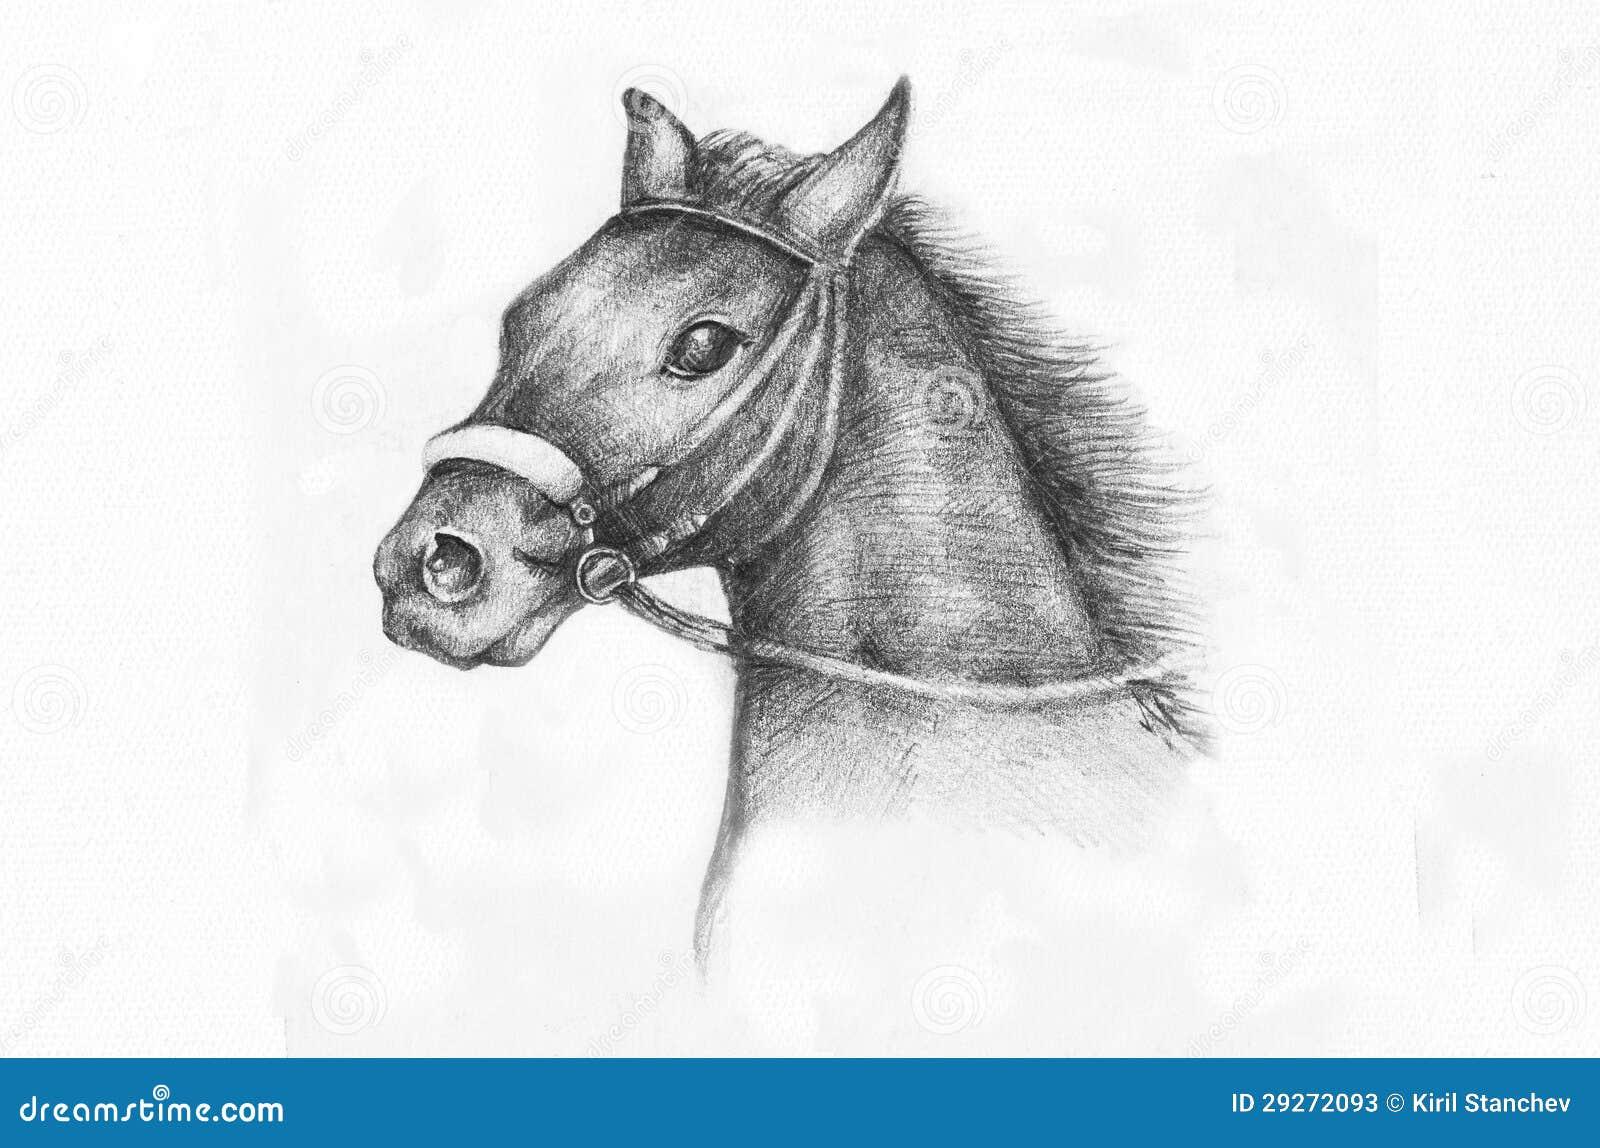 Disegno A Matita Di Un Cavallo Illustrazione Di Stock